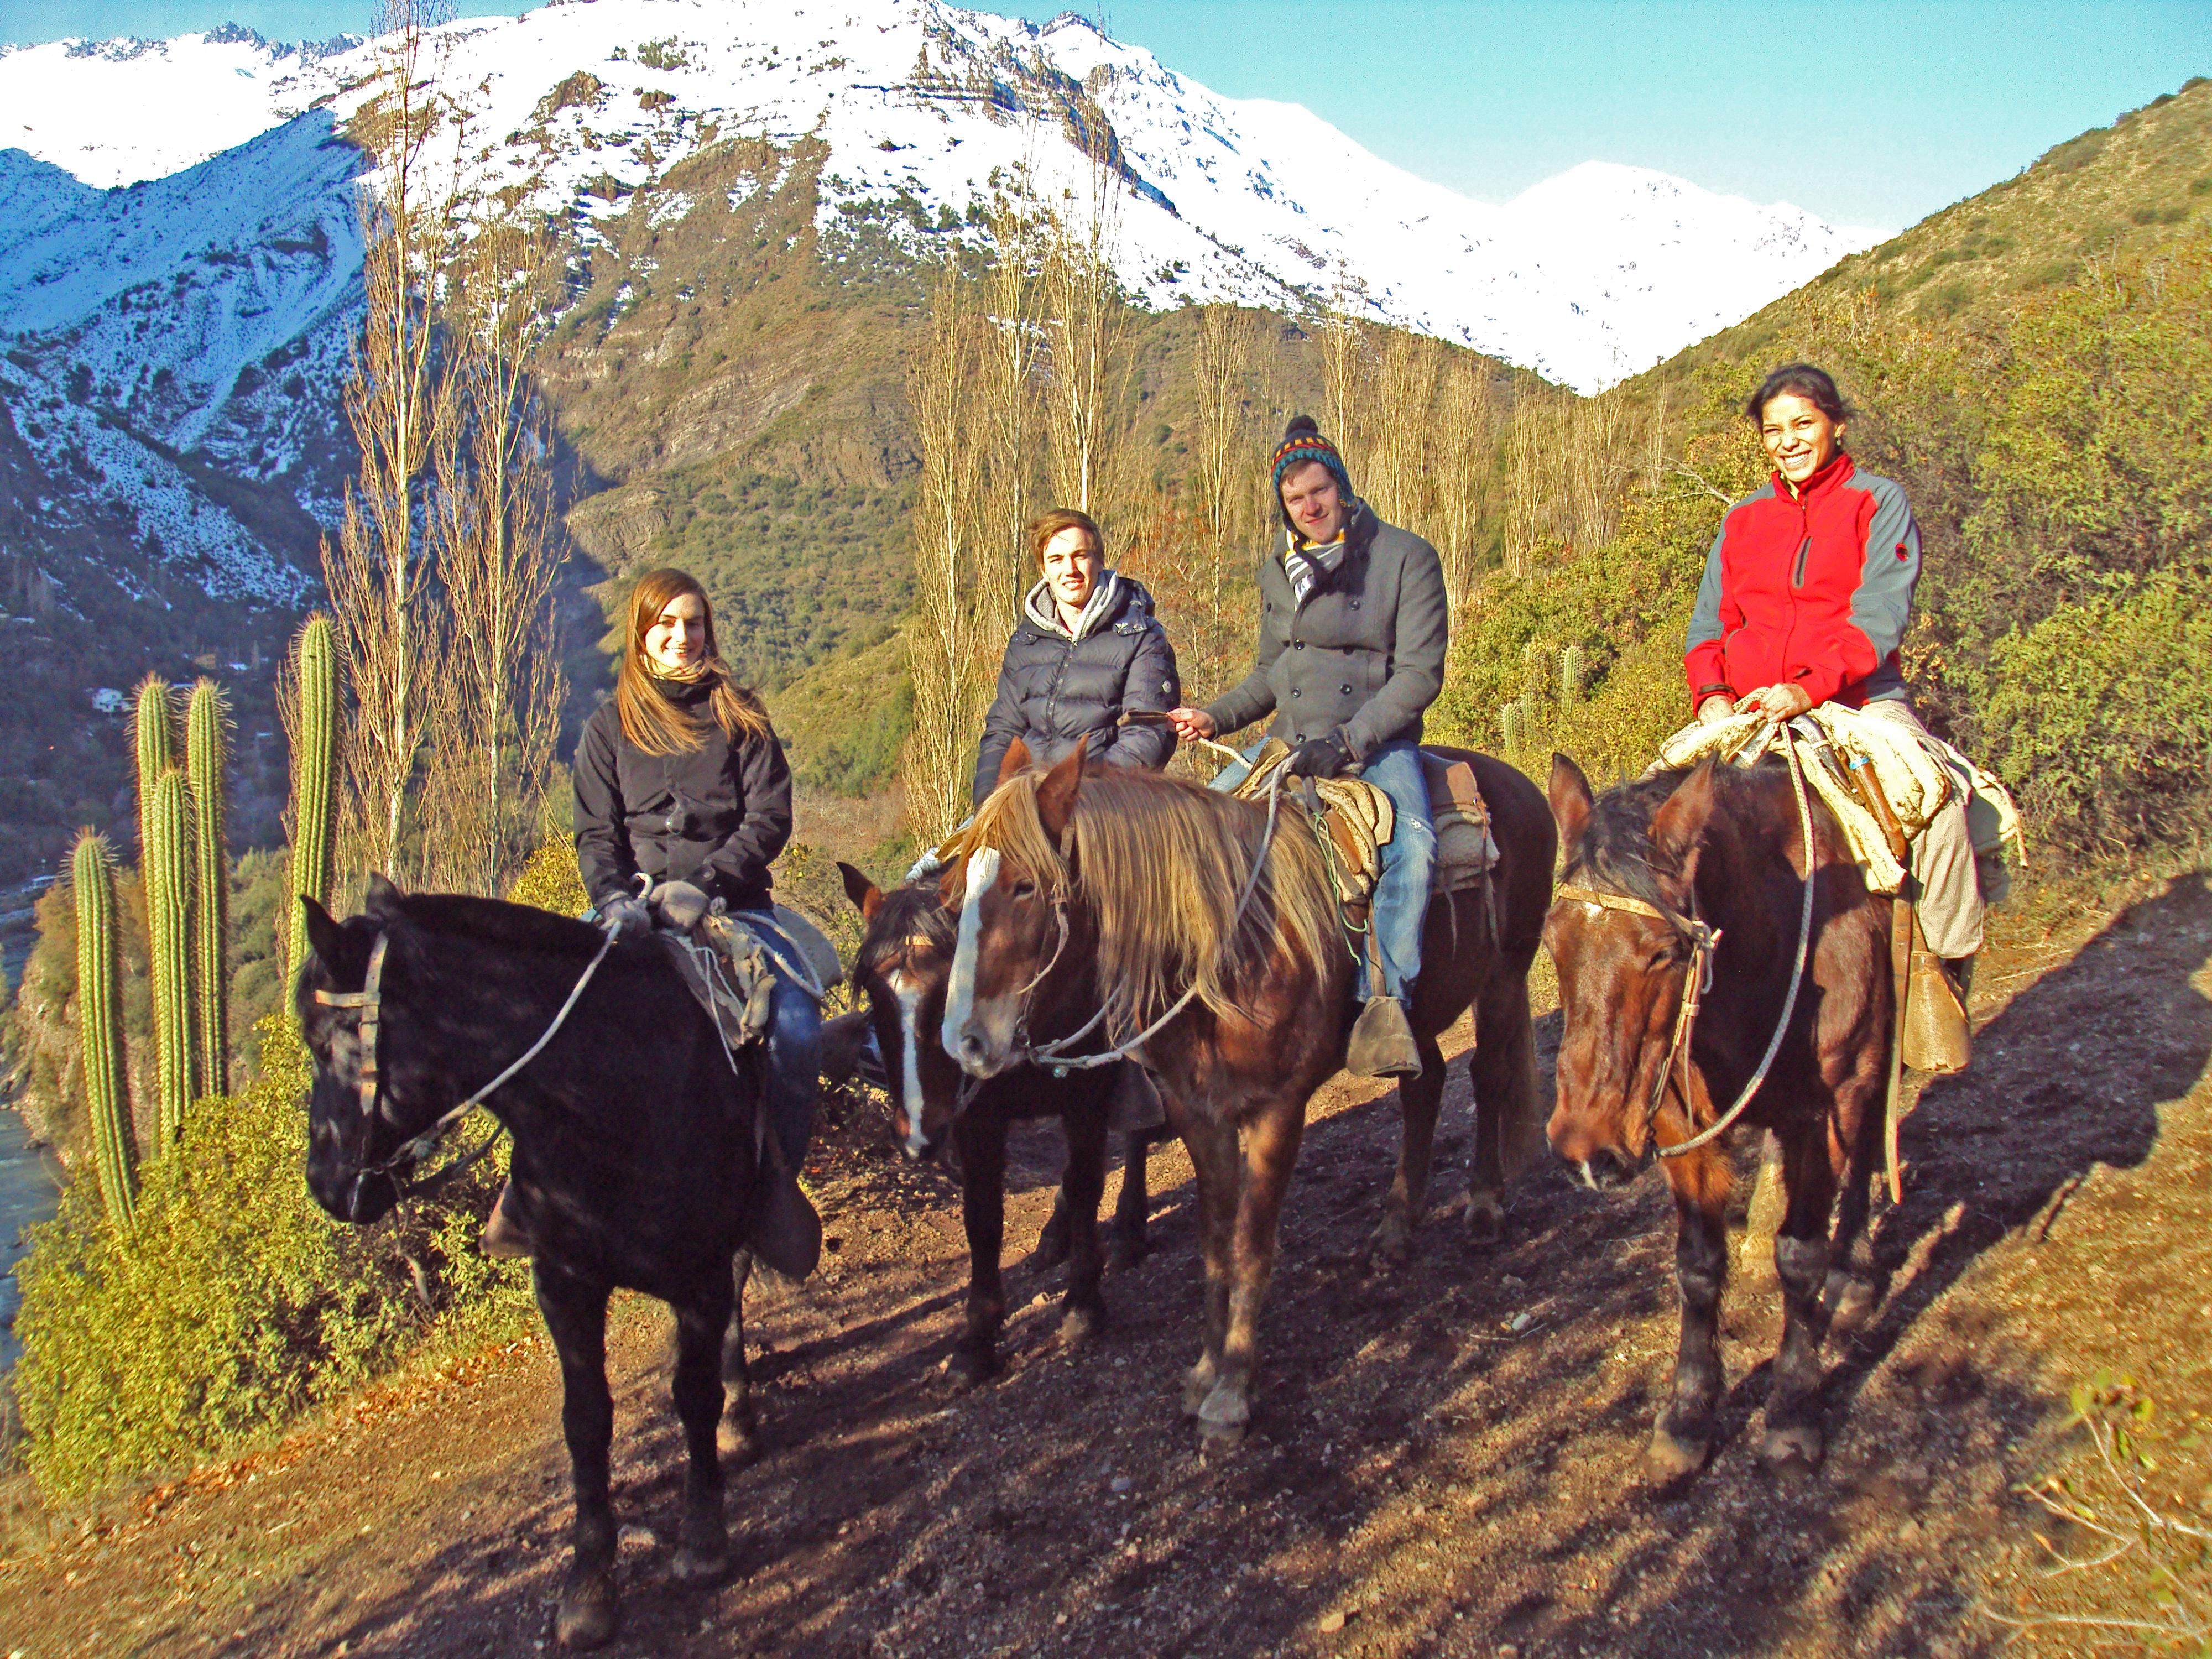 Cabalgata en Los Andes